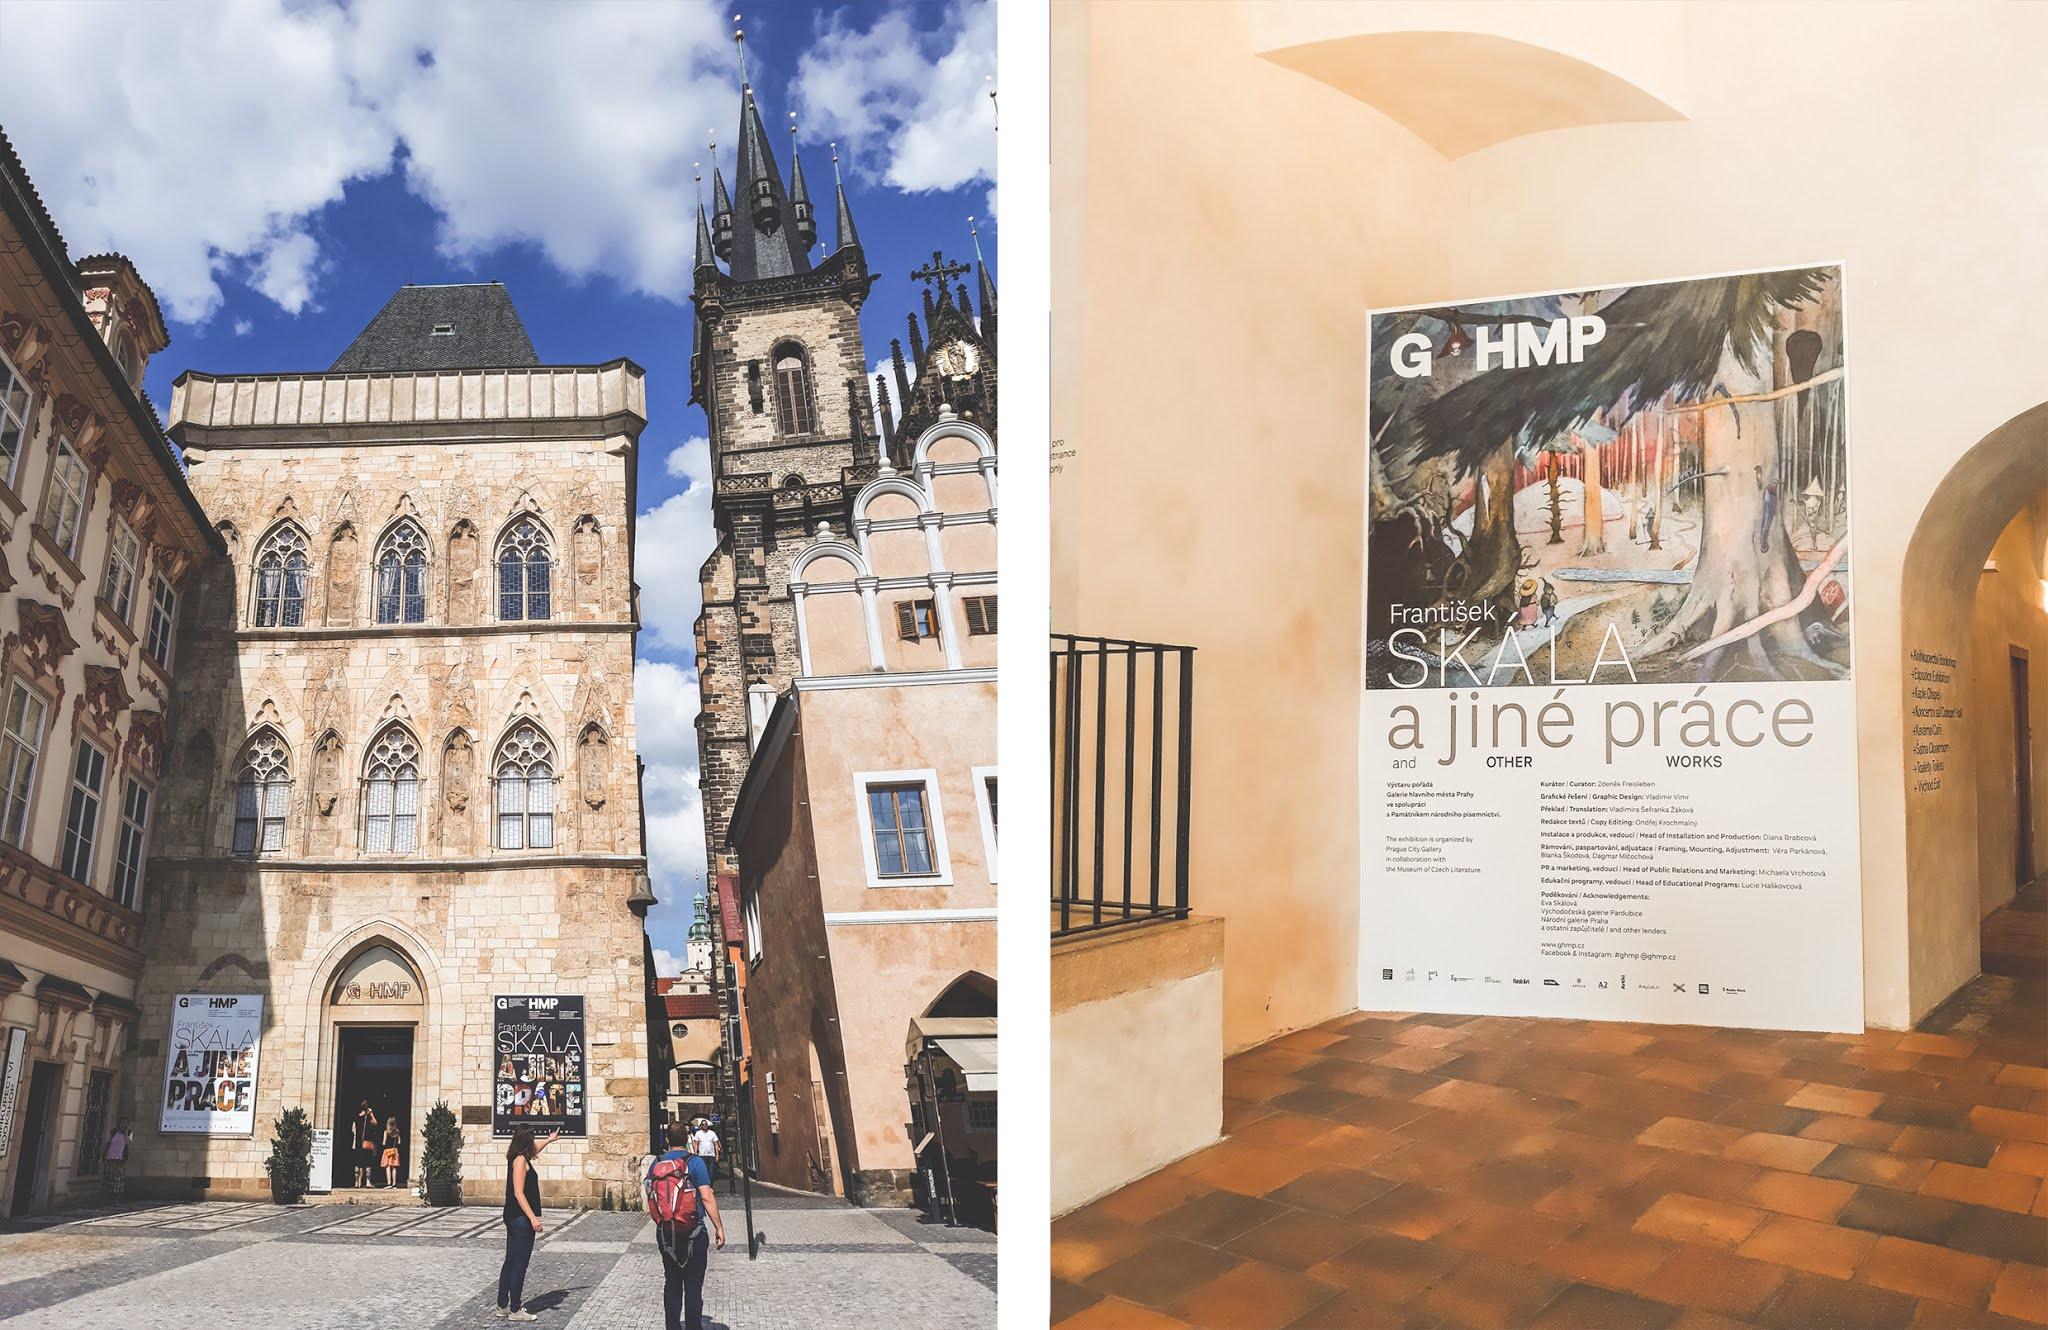 Galerie hlavního města Prahy, František Sklála